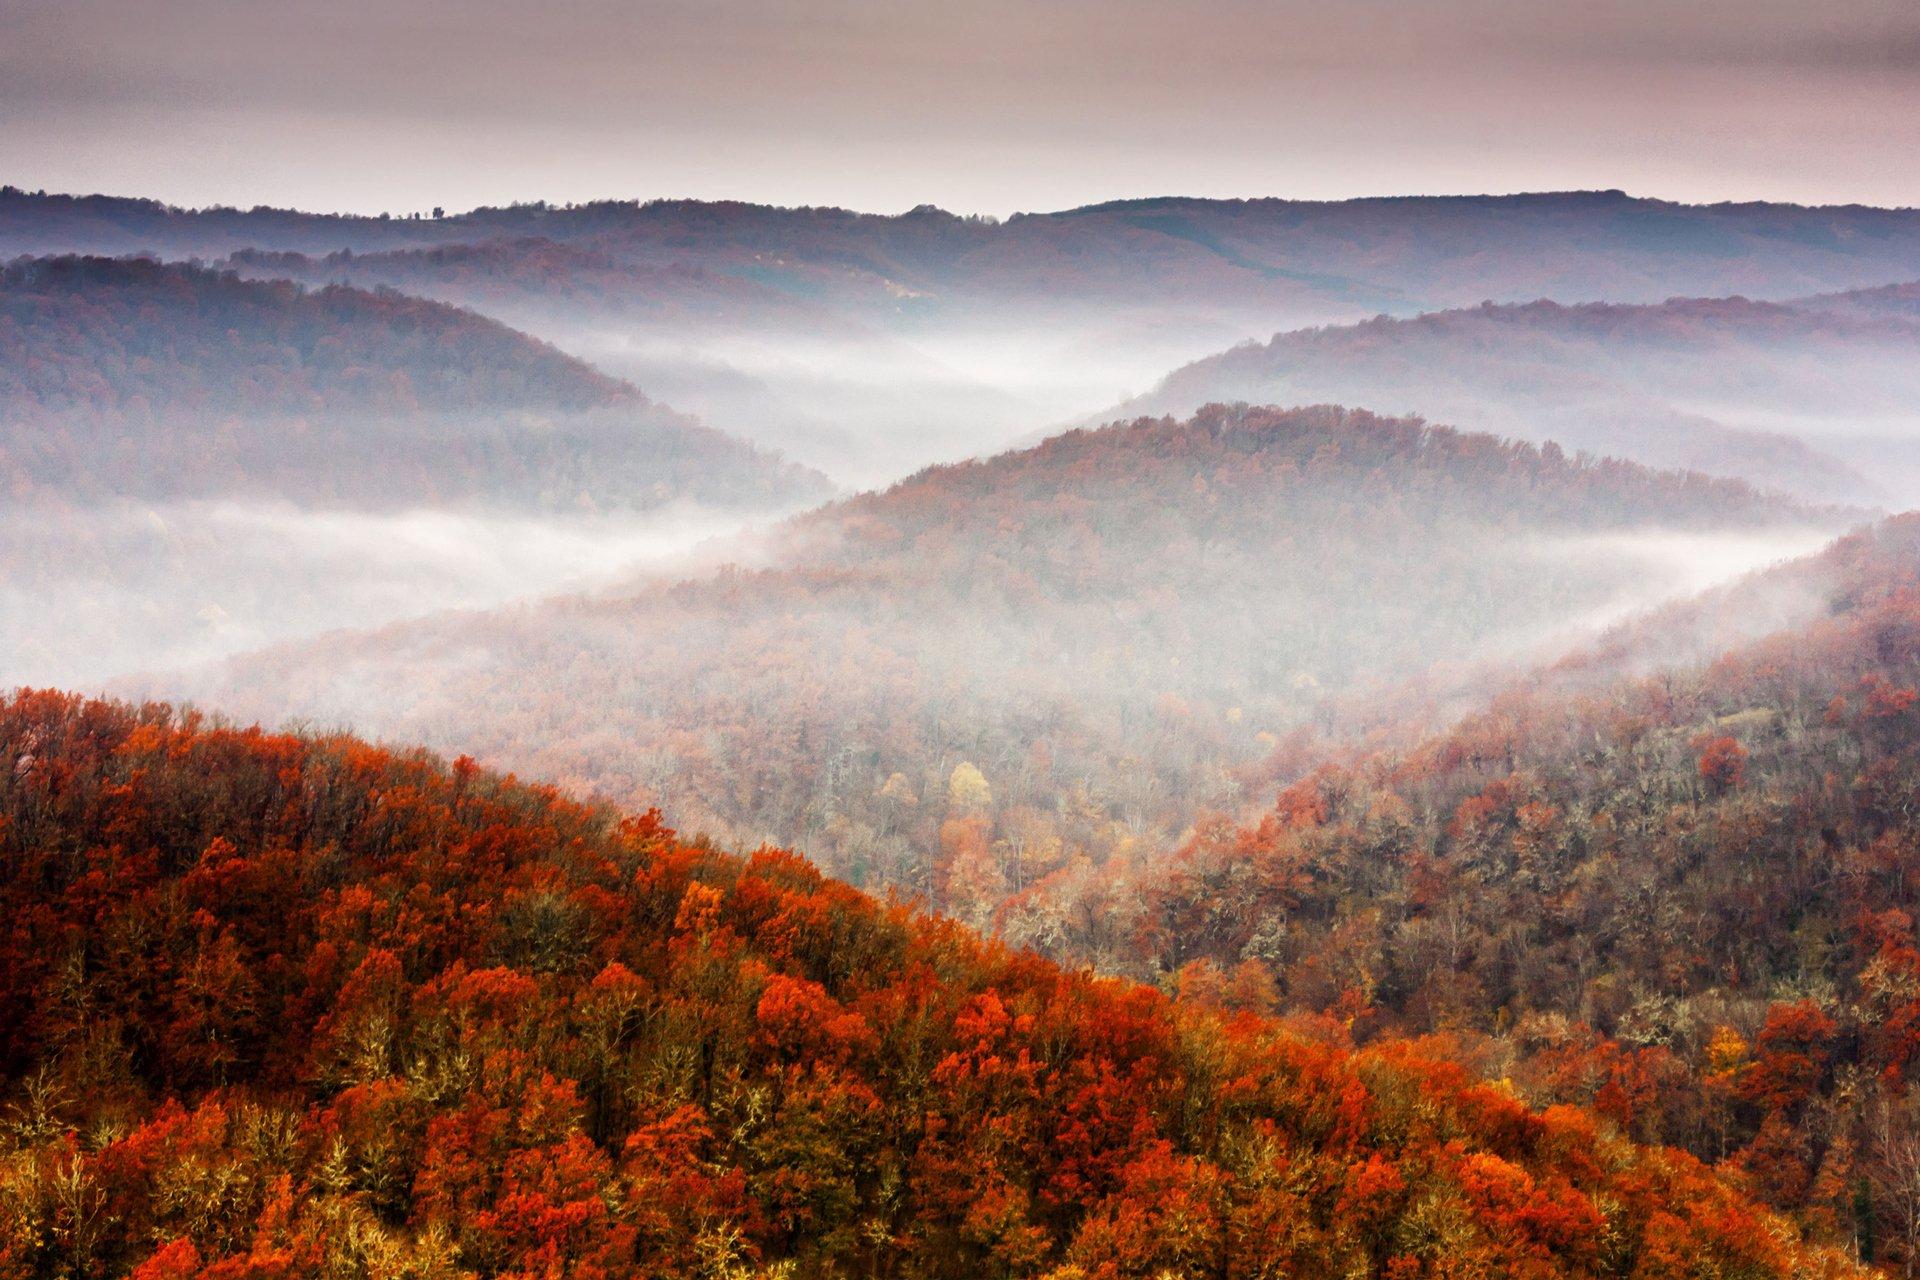 осень деревья гора скачать